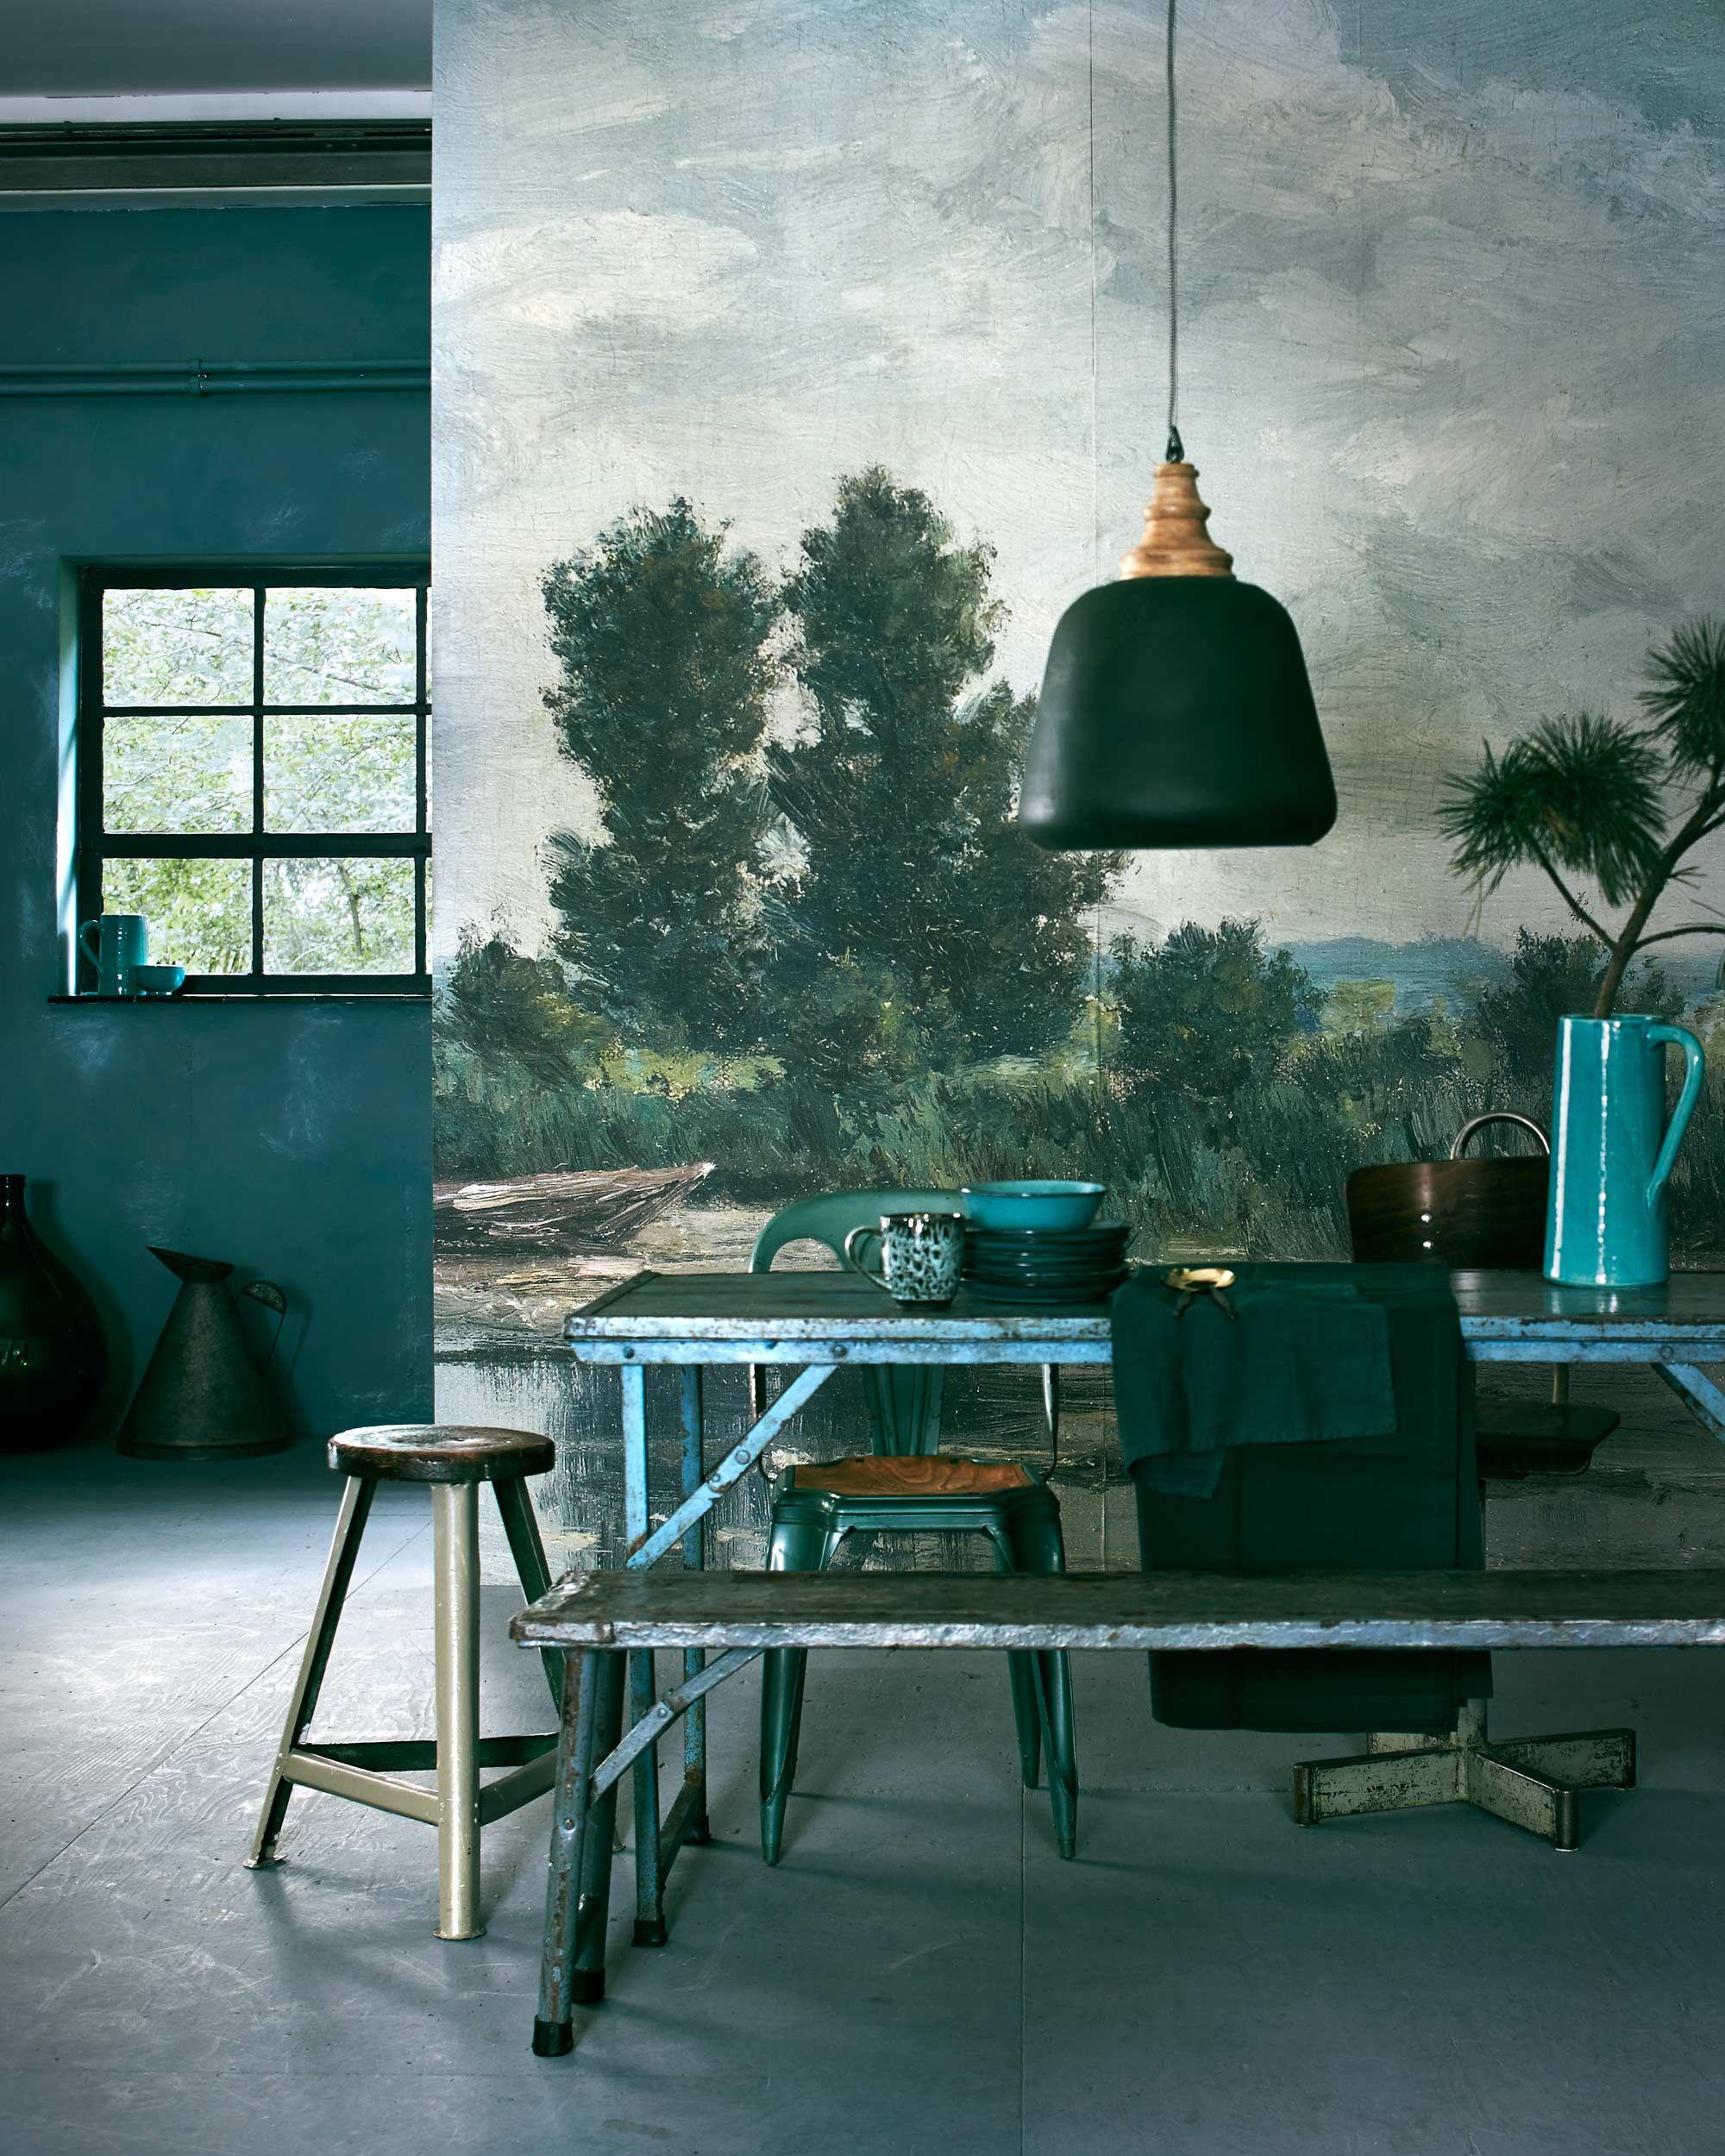 Groene eetkamer | Green dining room | Photographer Jeroen van der ...